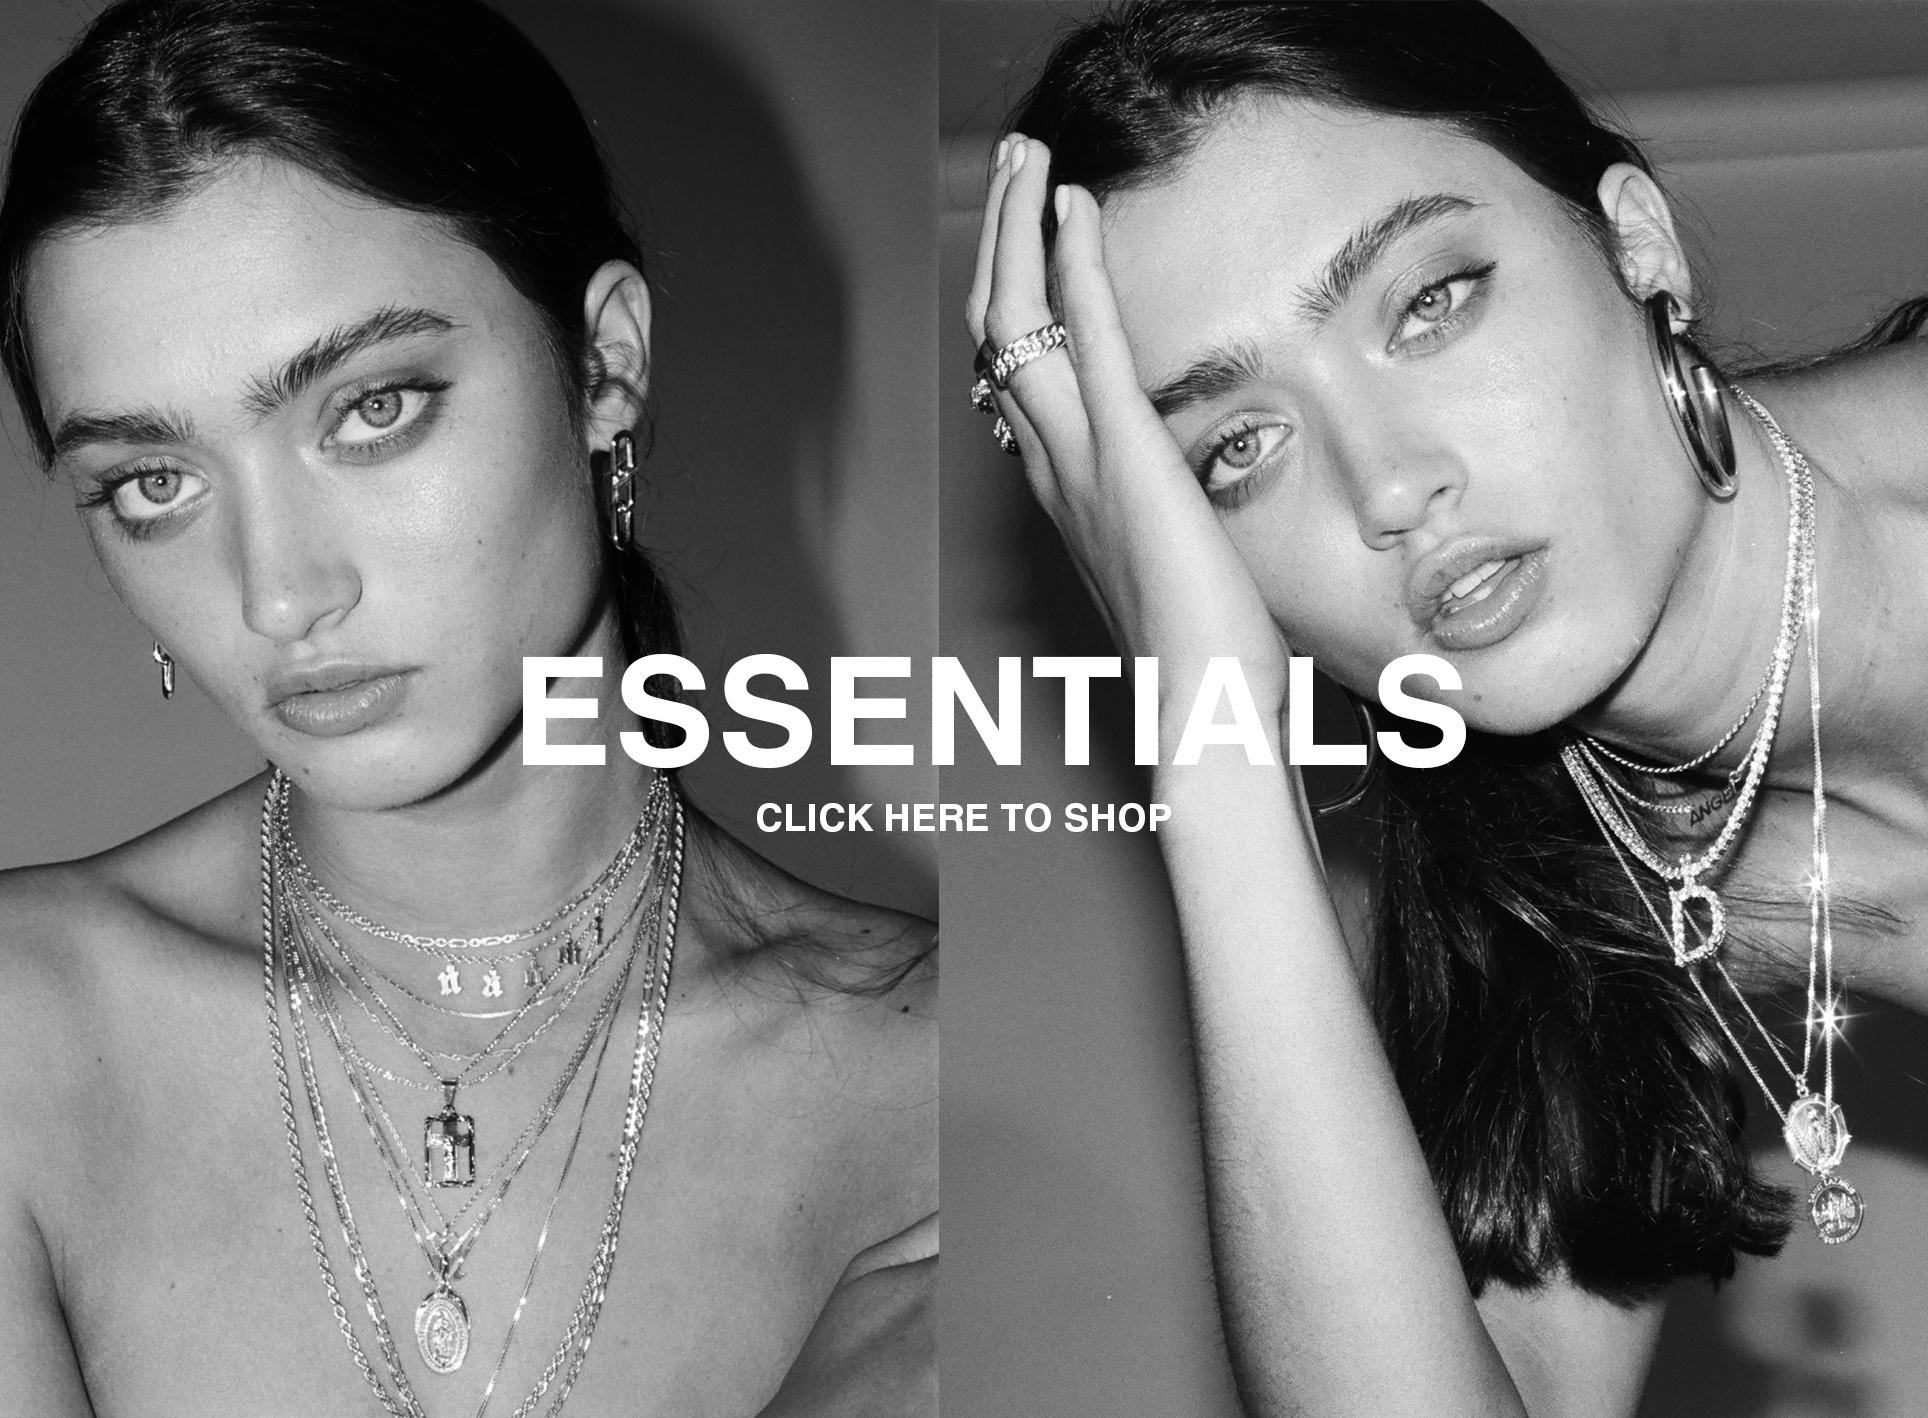 essentials1.jpg